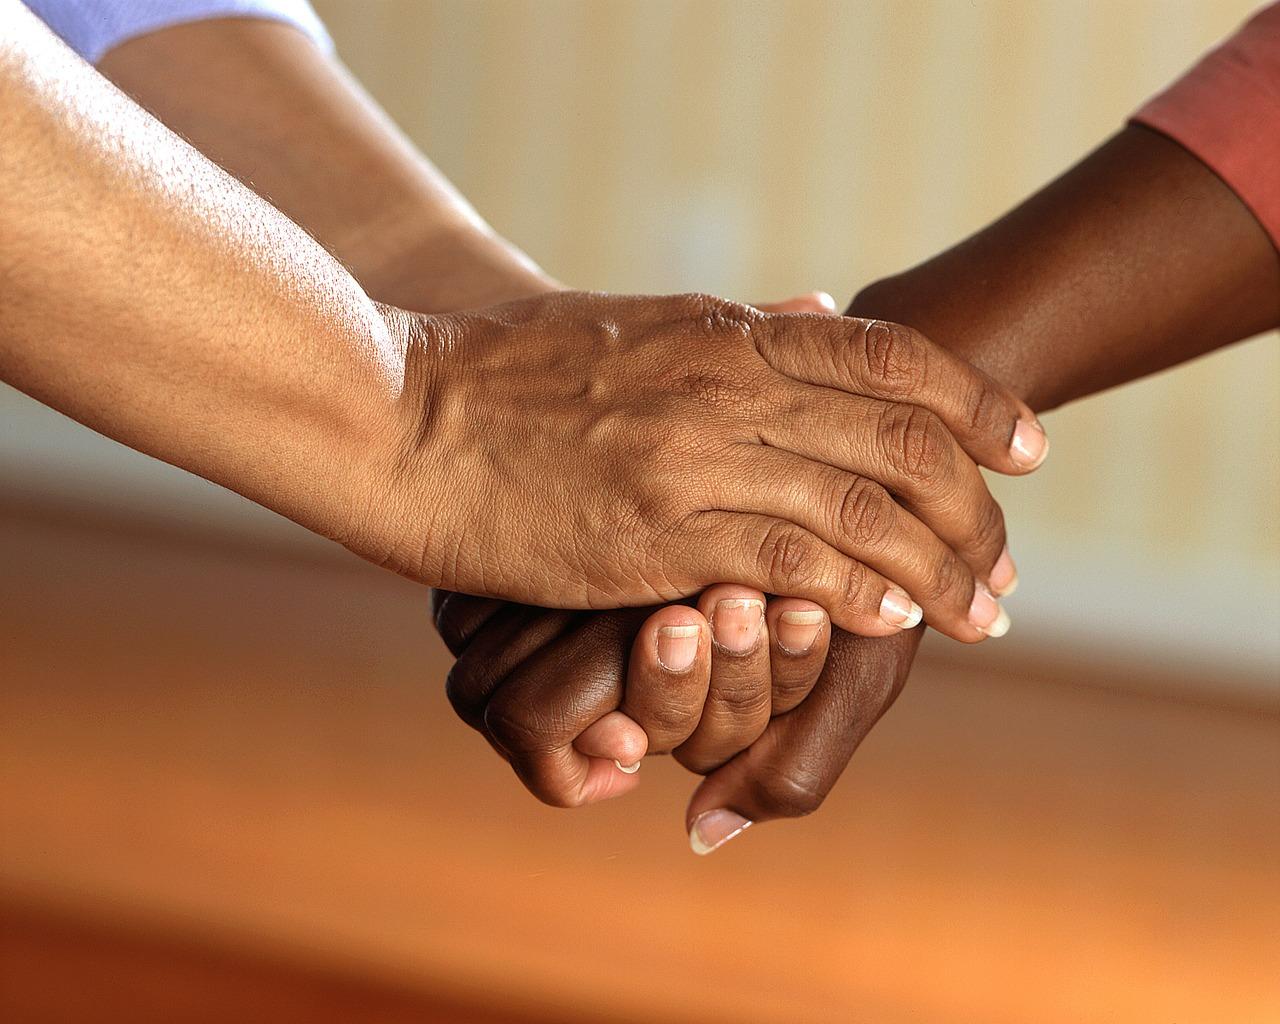 spolupráce jako řešení